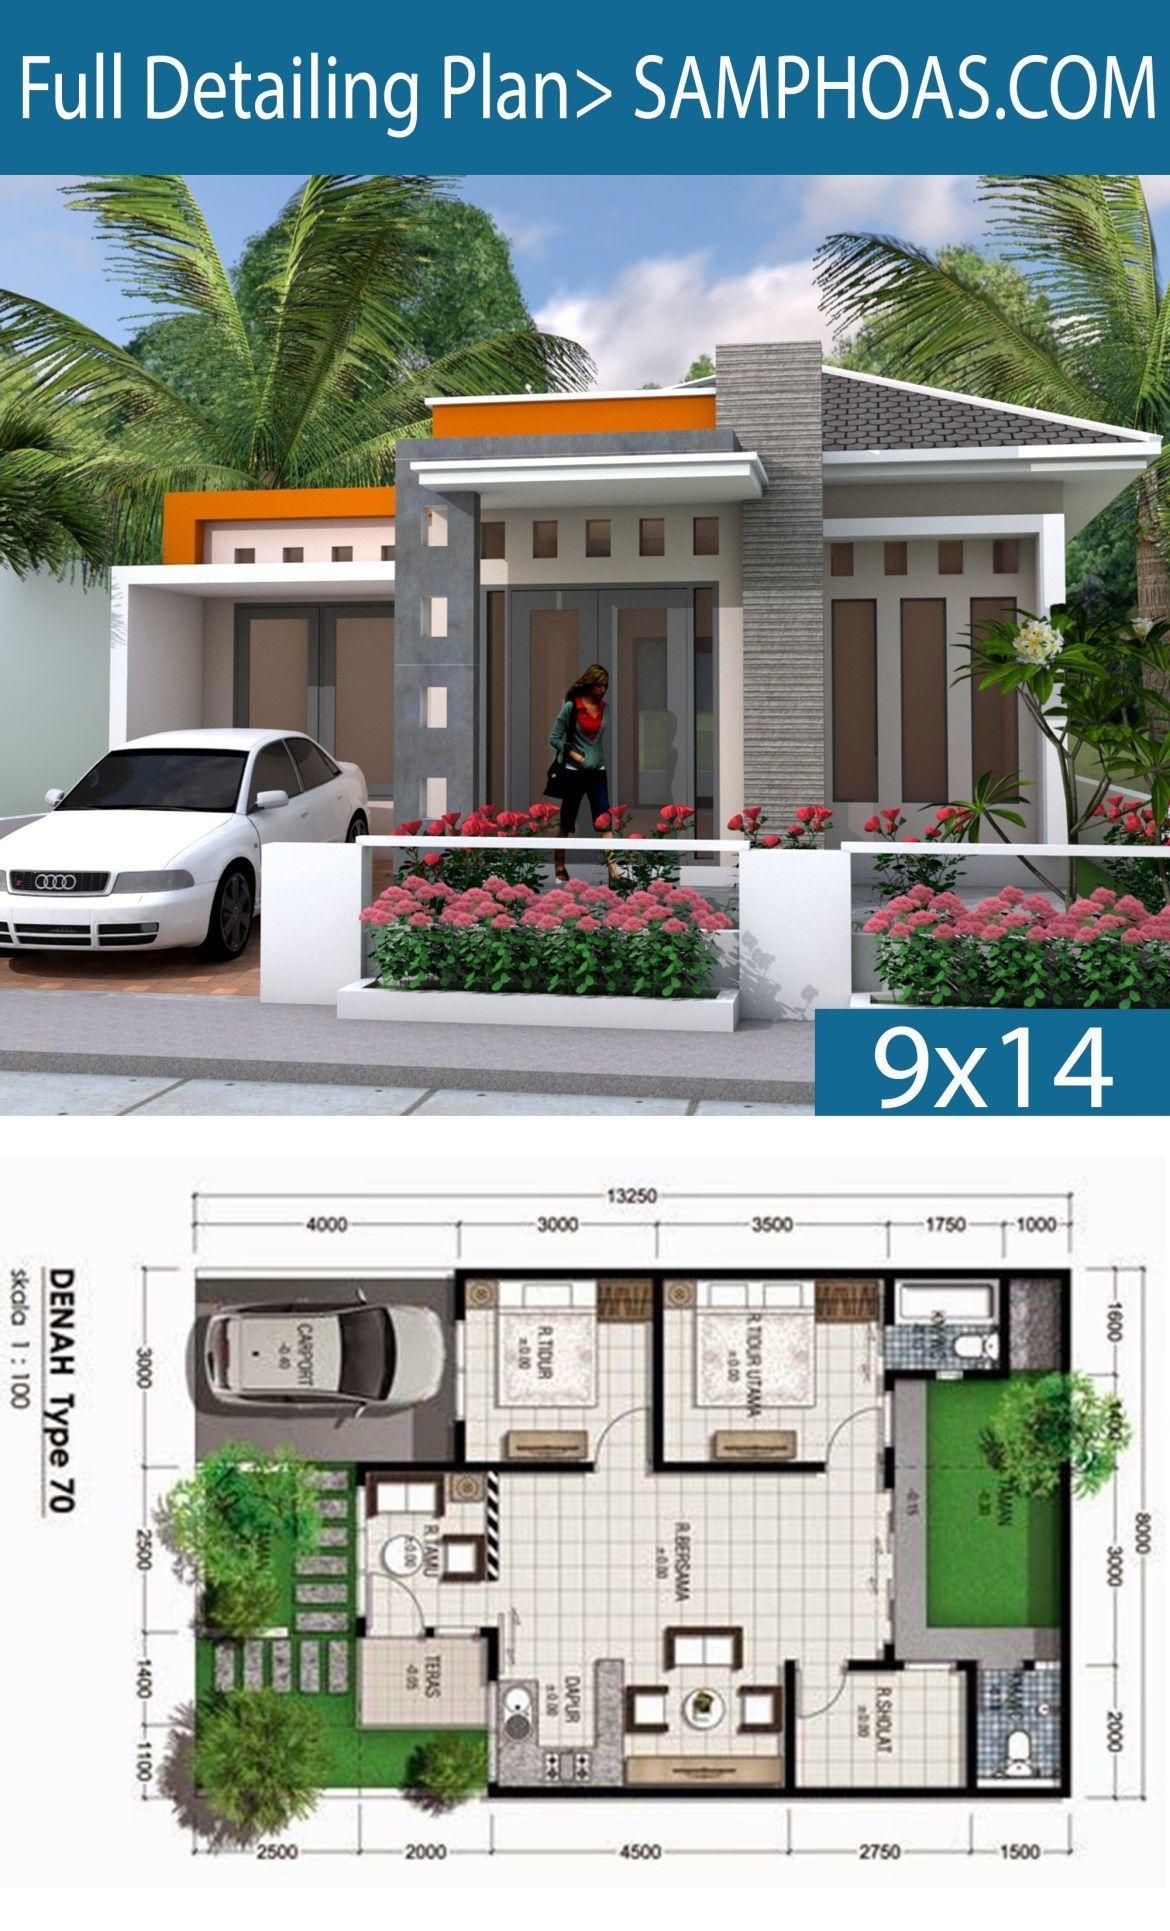 Sketchup 2 Bedrooms House 9x14m Samphoas Plansearch Di 2020 Rumah Indah Arsitektur Rumah Arsitektur